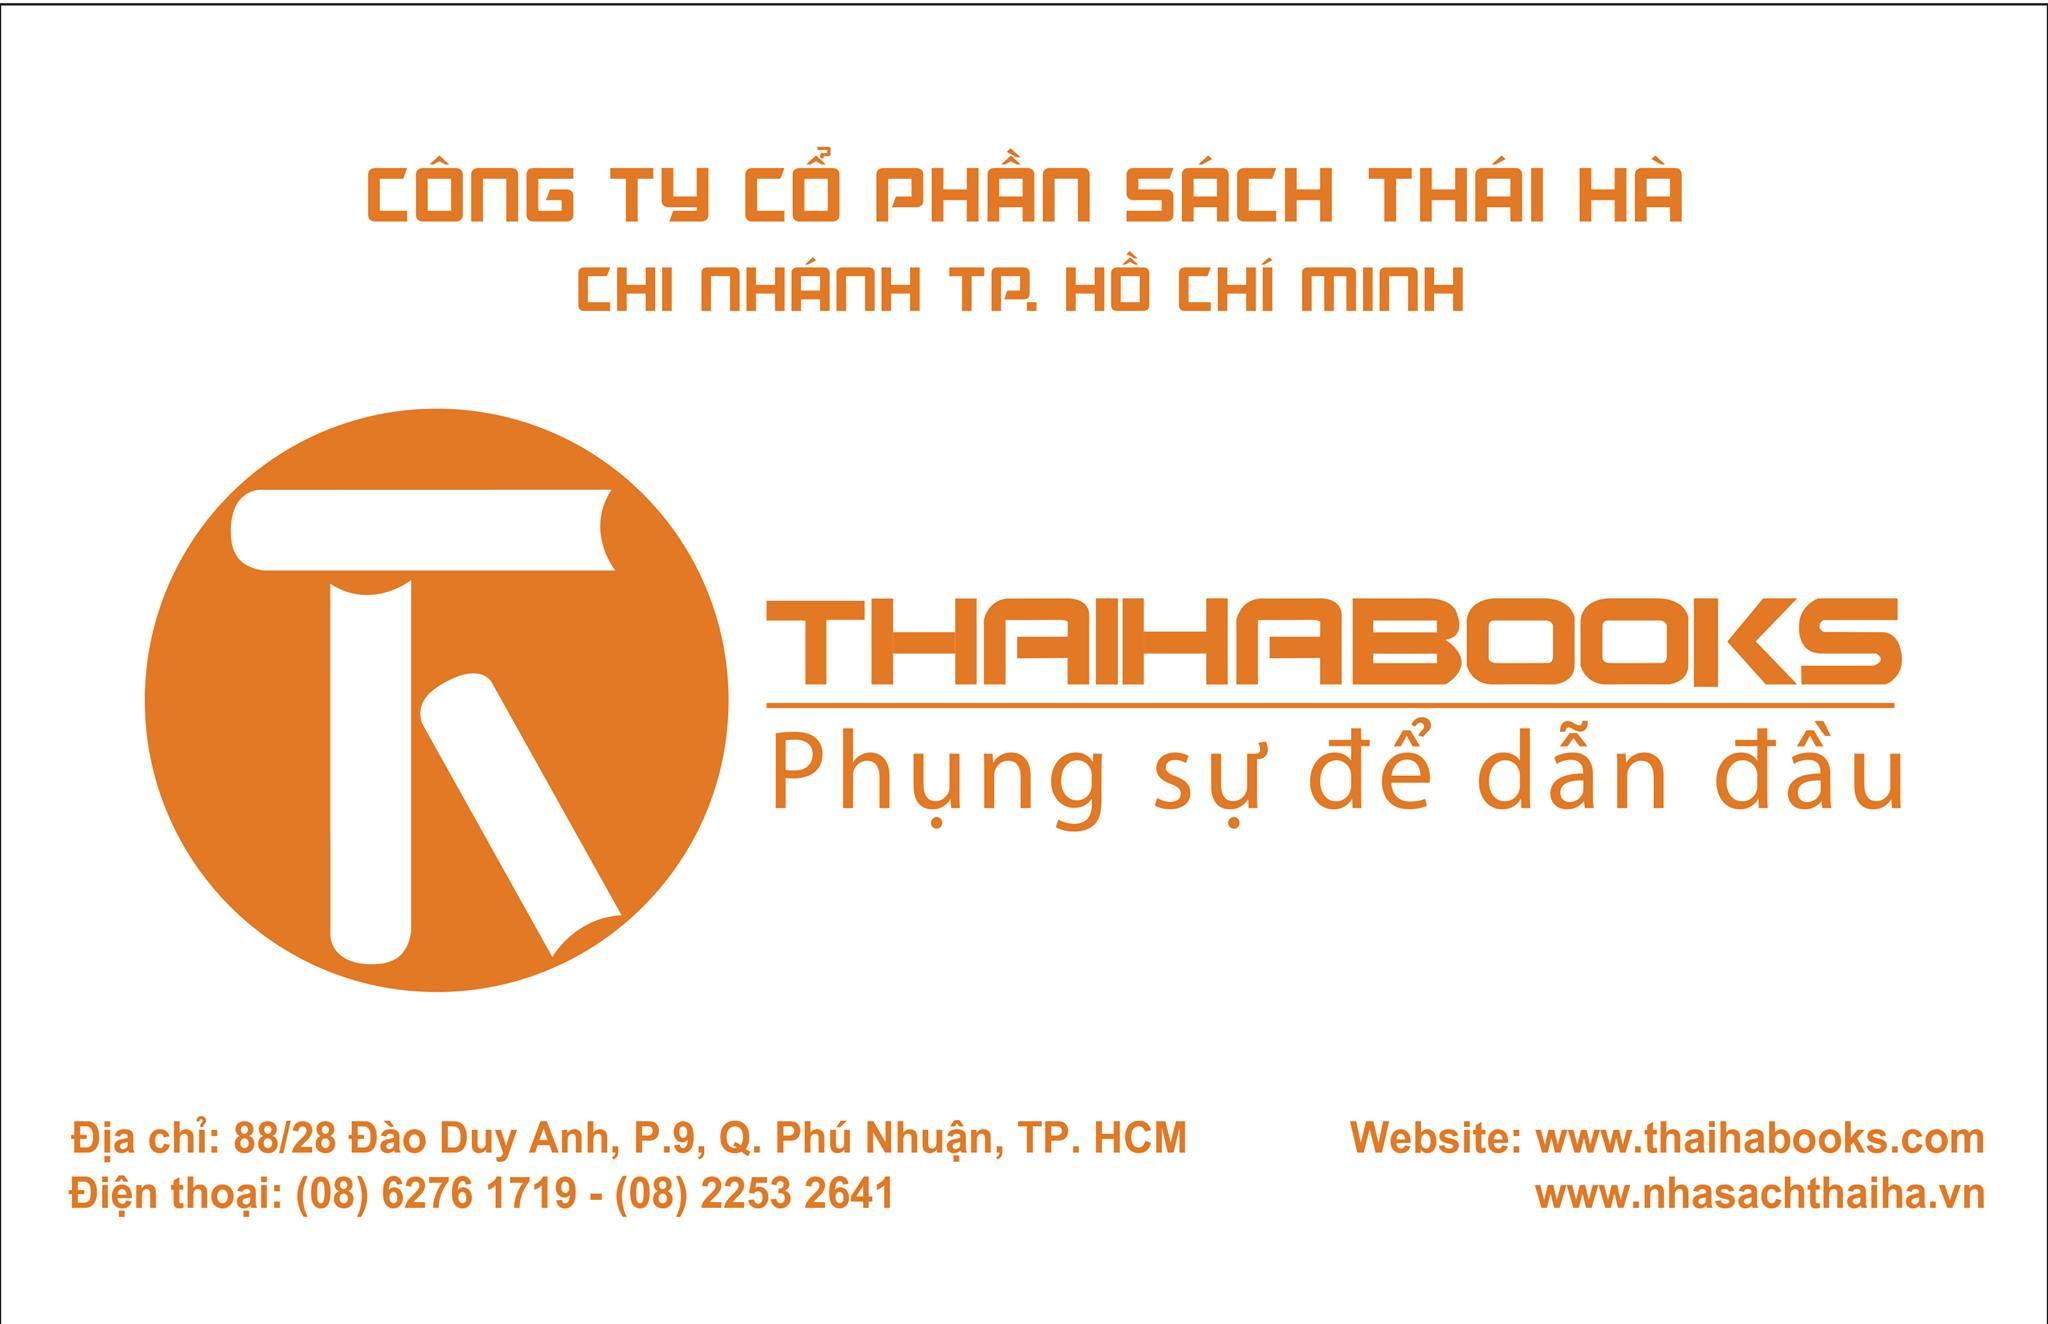 [ThaiHaBooks] THAY ĐỔI ĐỊA ĐIỂM CHI NHÁNH THÁI HÀ BOOKS TP. HỒ CHÍ MINH